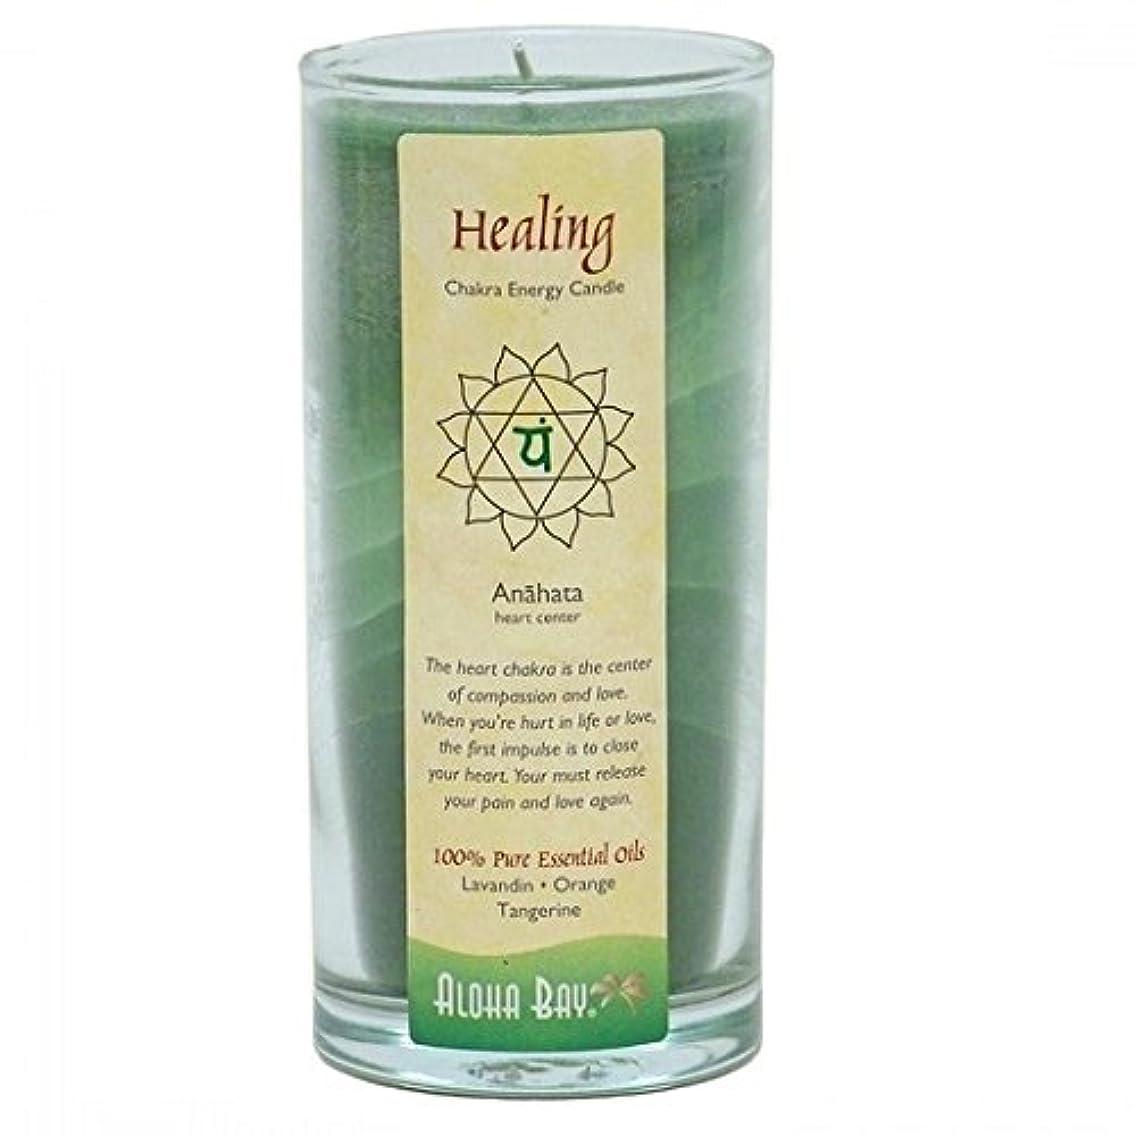 挑発する磨かれた飼料Aloha Bay - Chakraエネルギー蝋燭の瓶の治療の治療 - 11ポンド